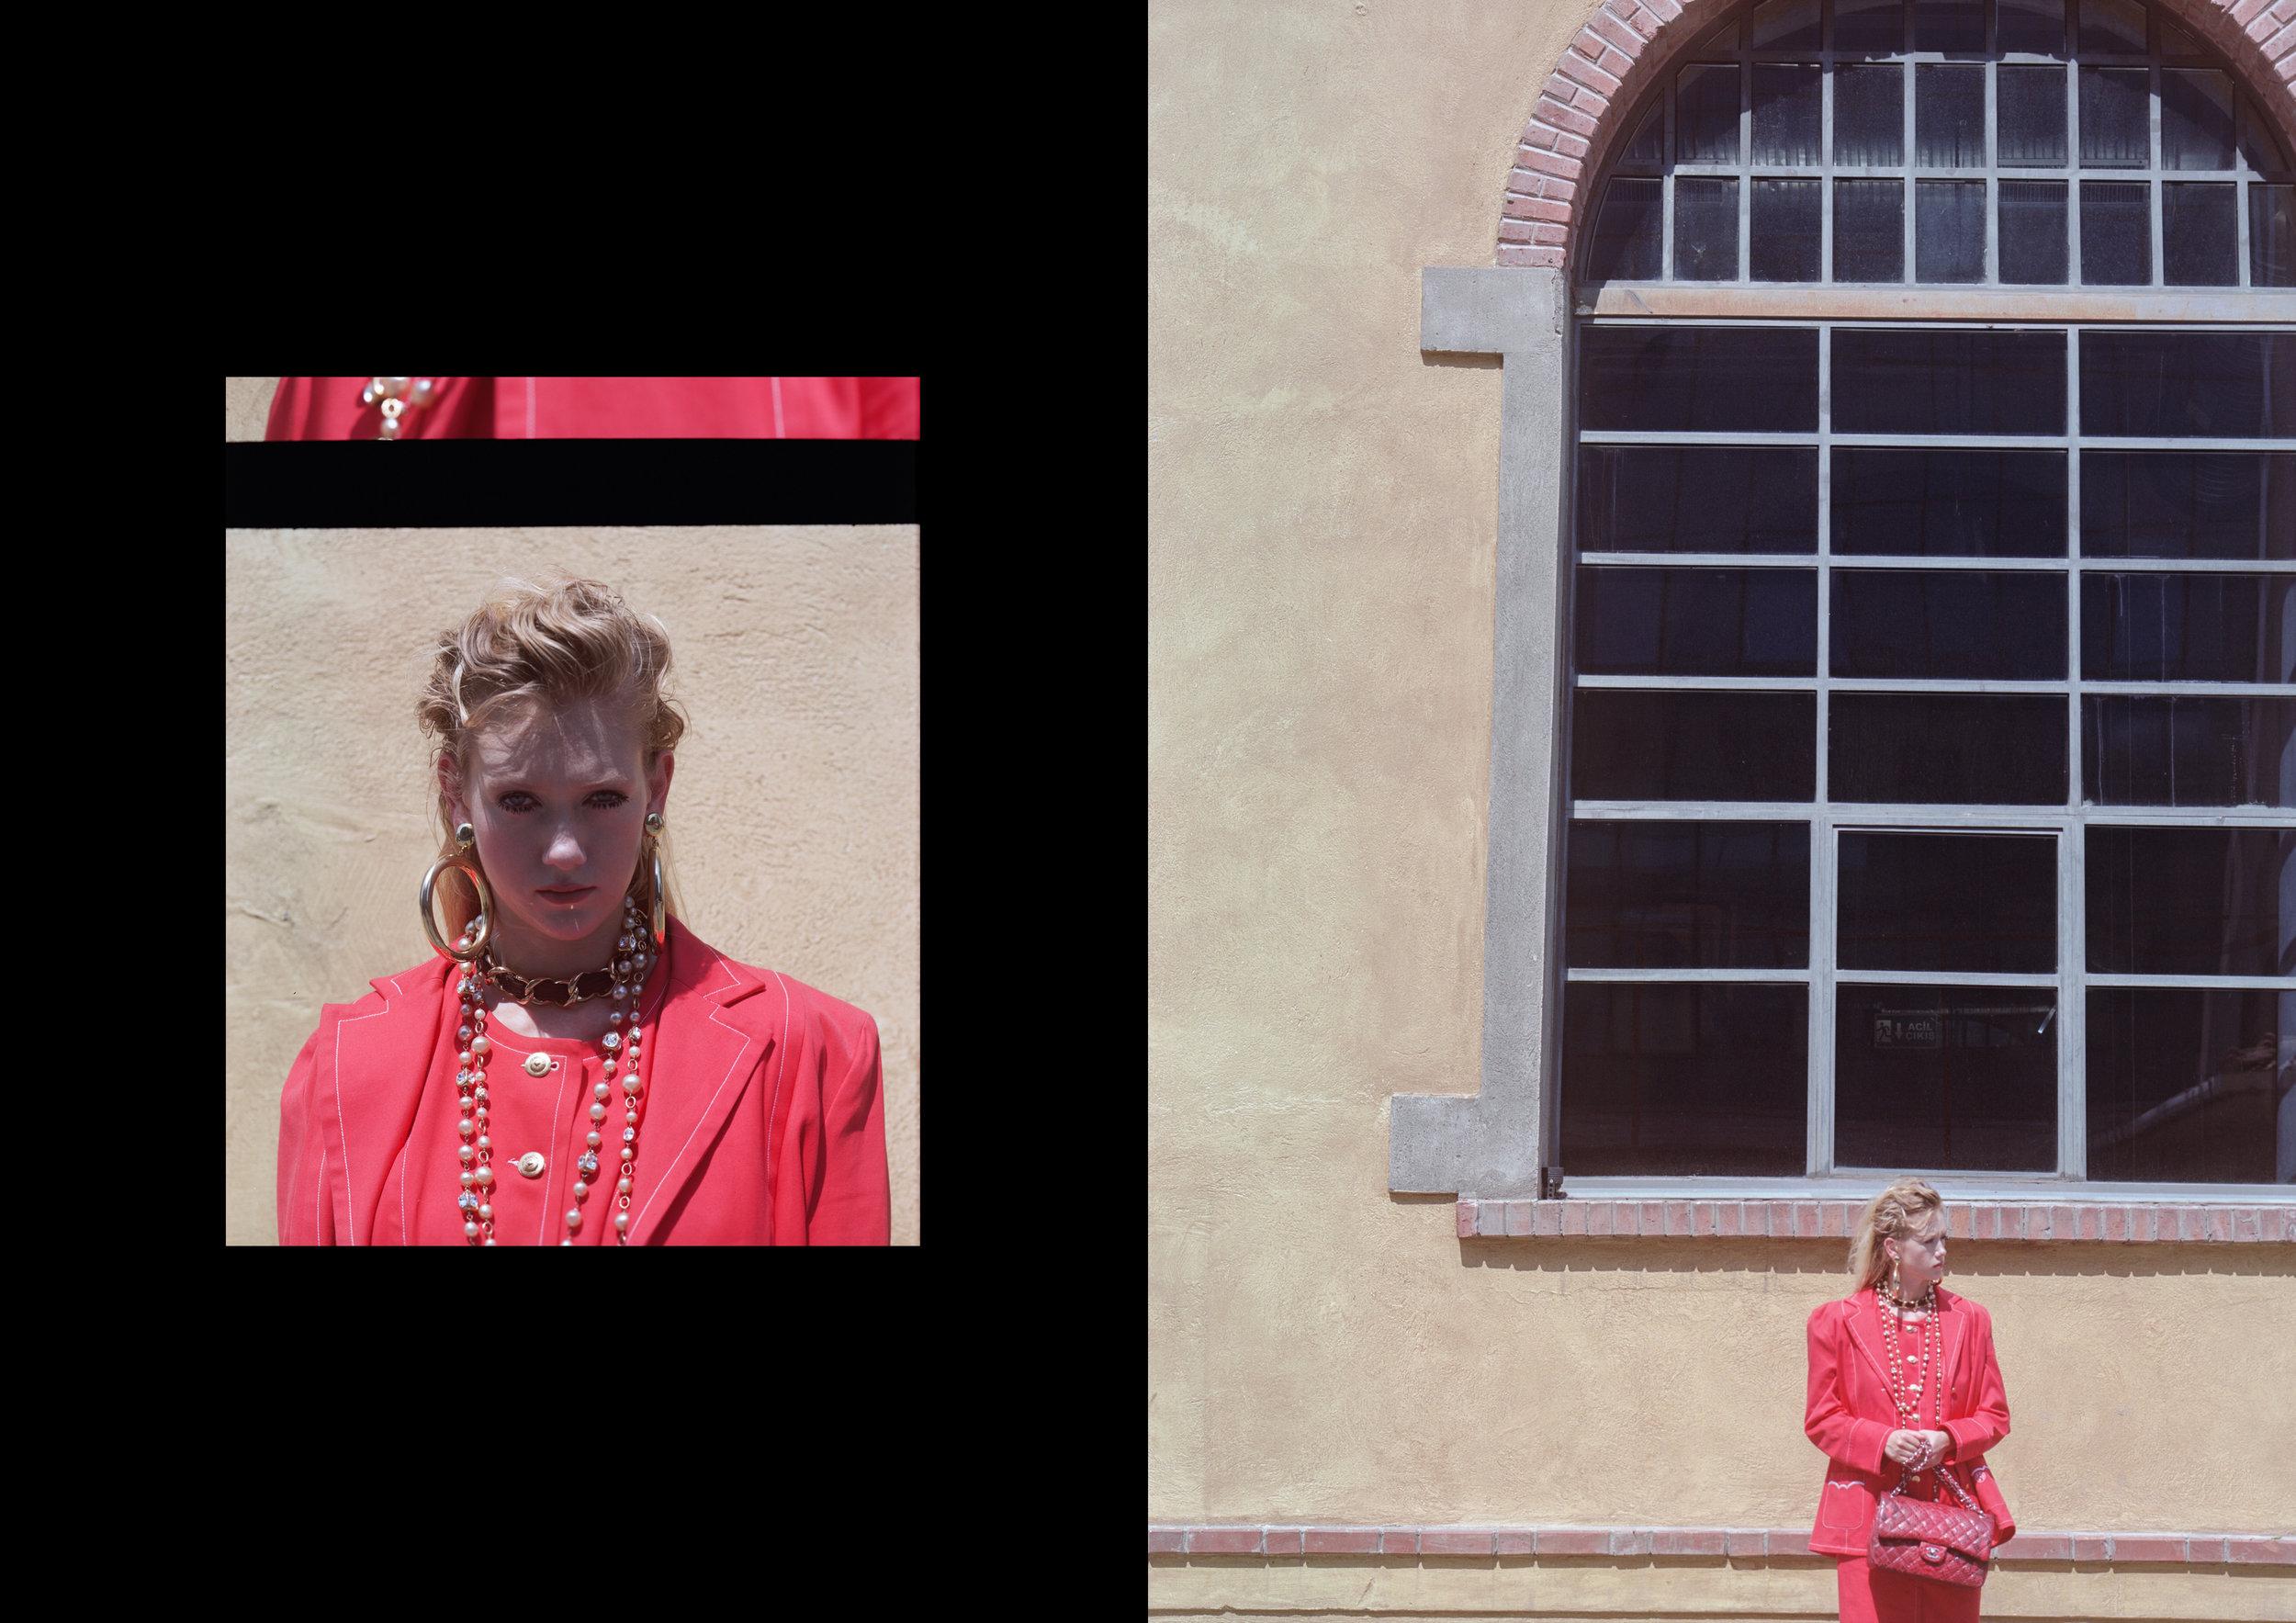 suit GIVENCHY / AU VINTAGE, choker CHANEL / AU VINTAGE, earrings + bag + necklace CHANEL